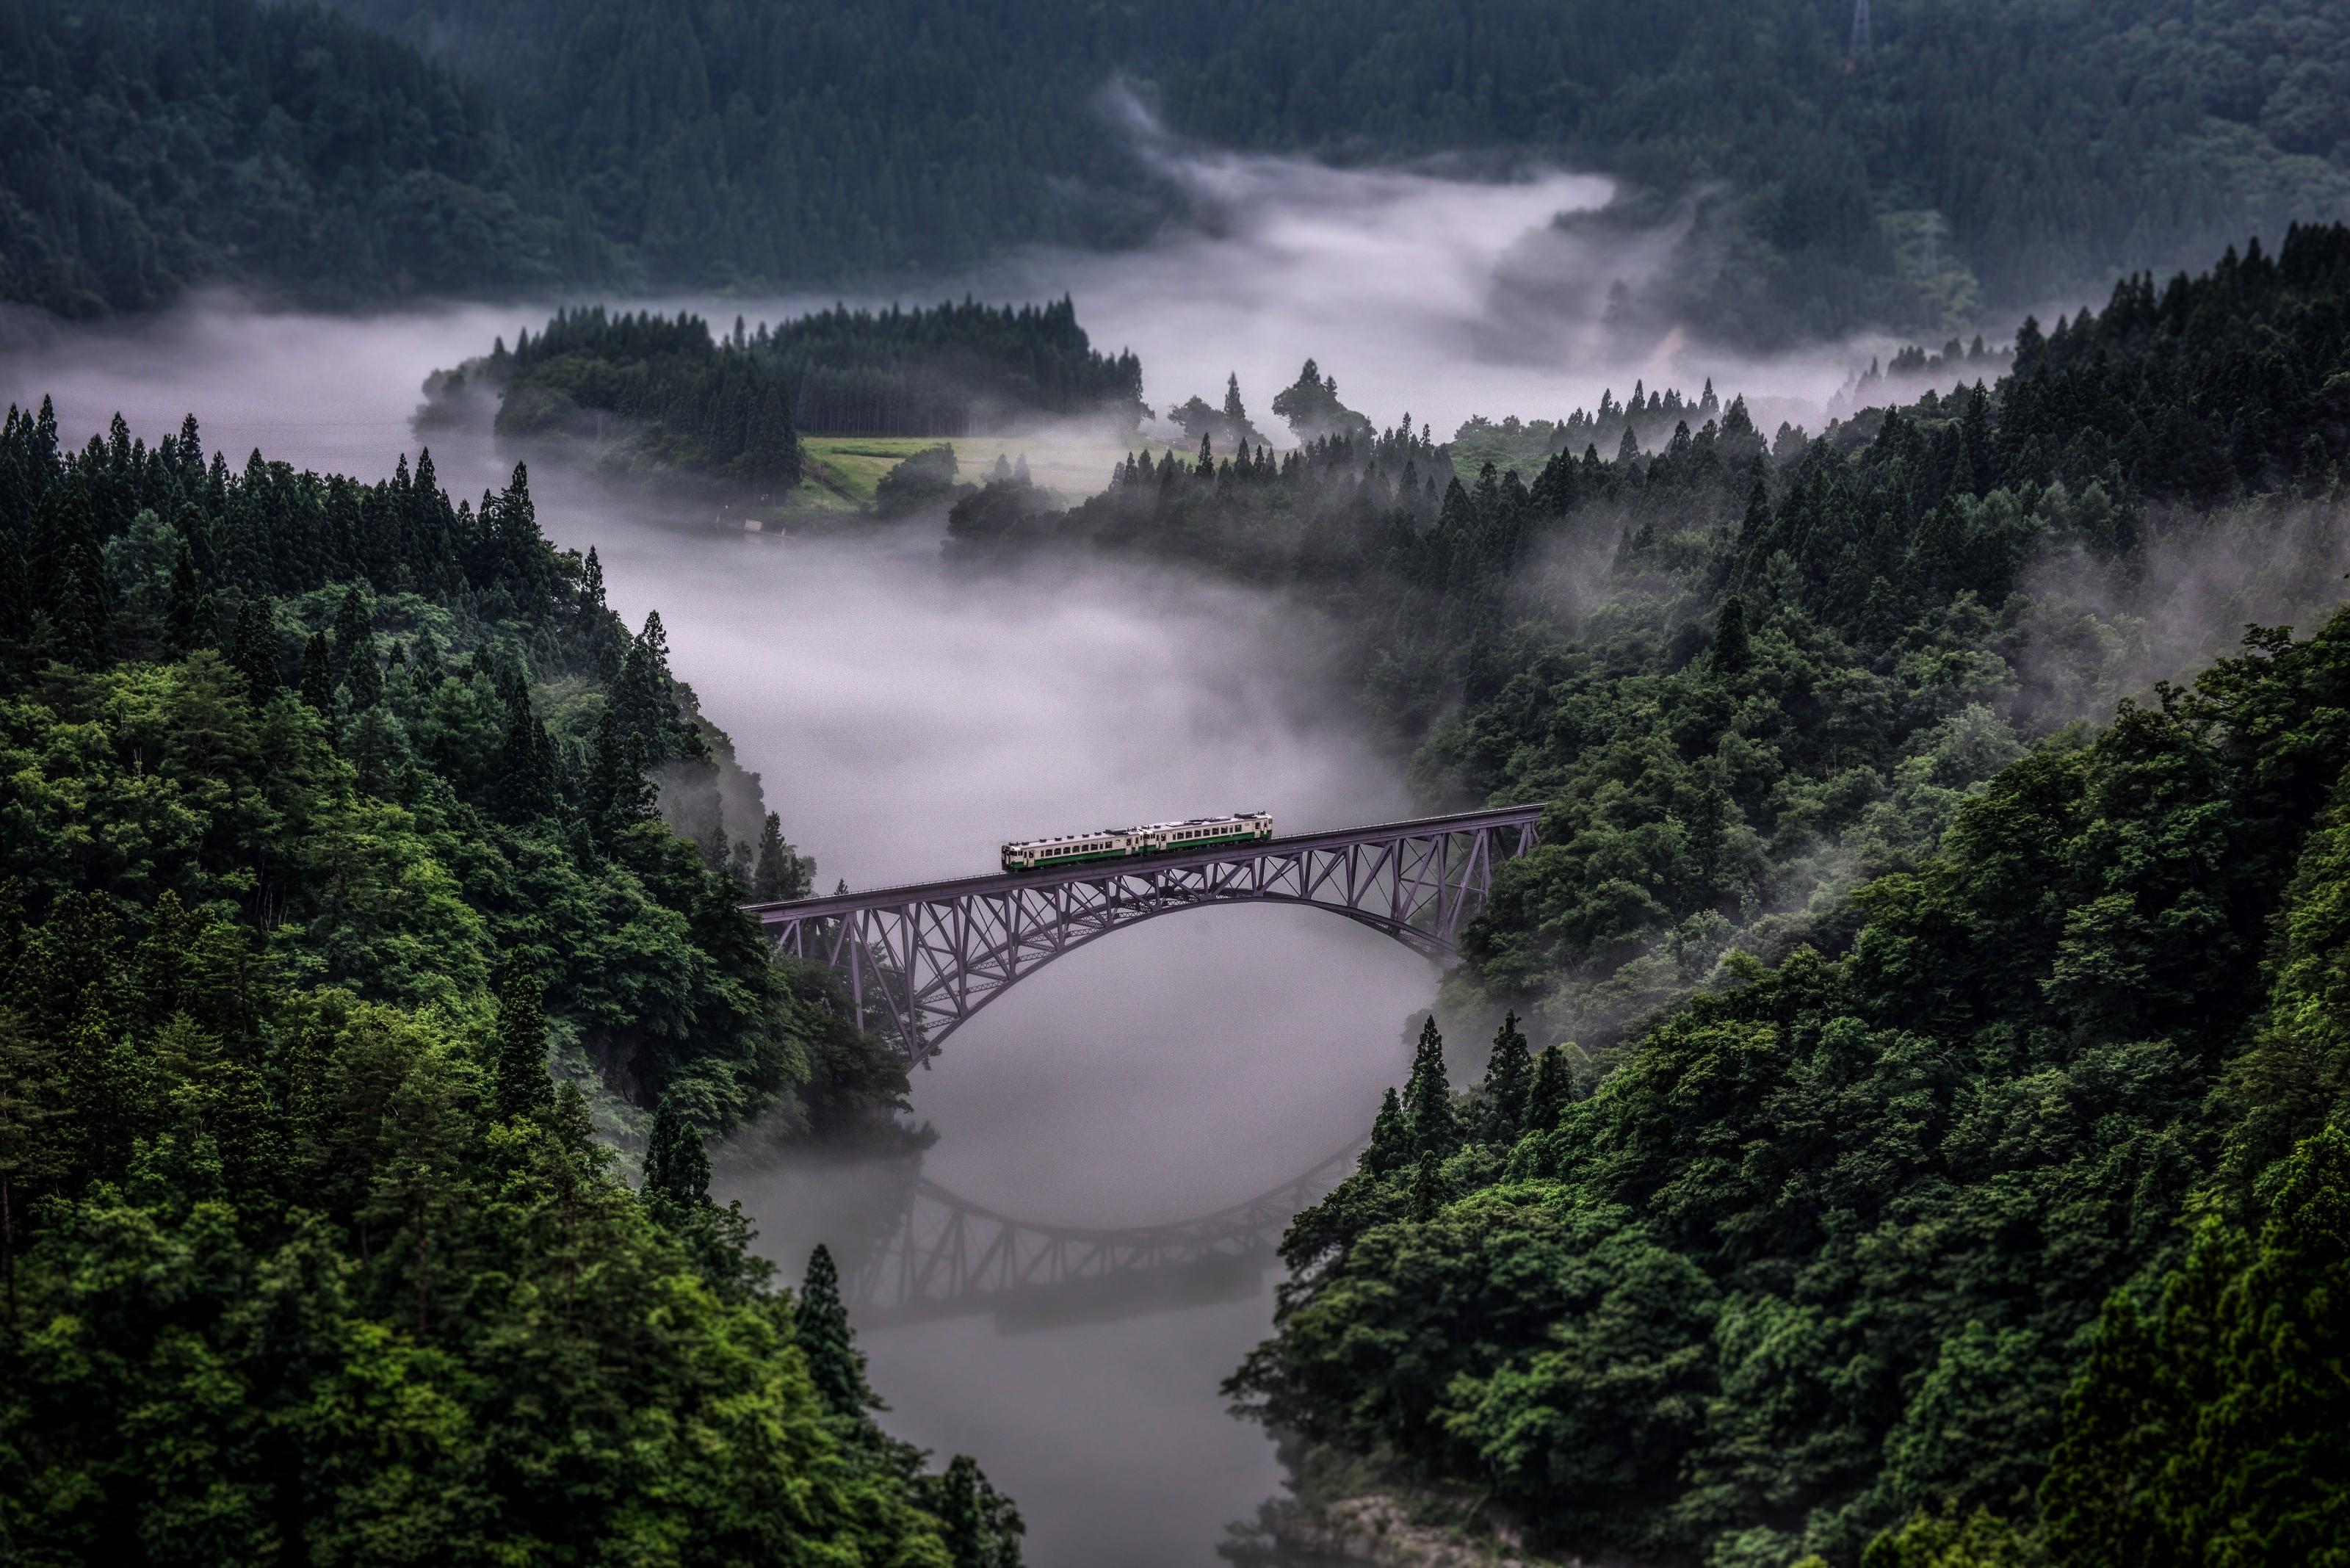 A través de la niebla